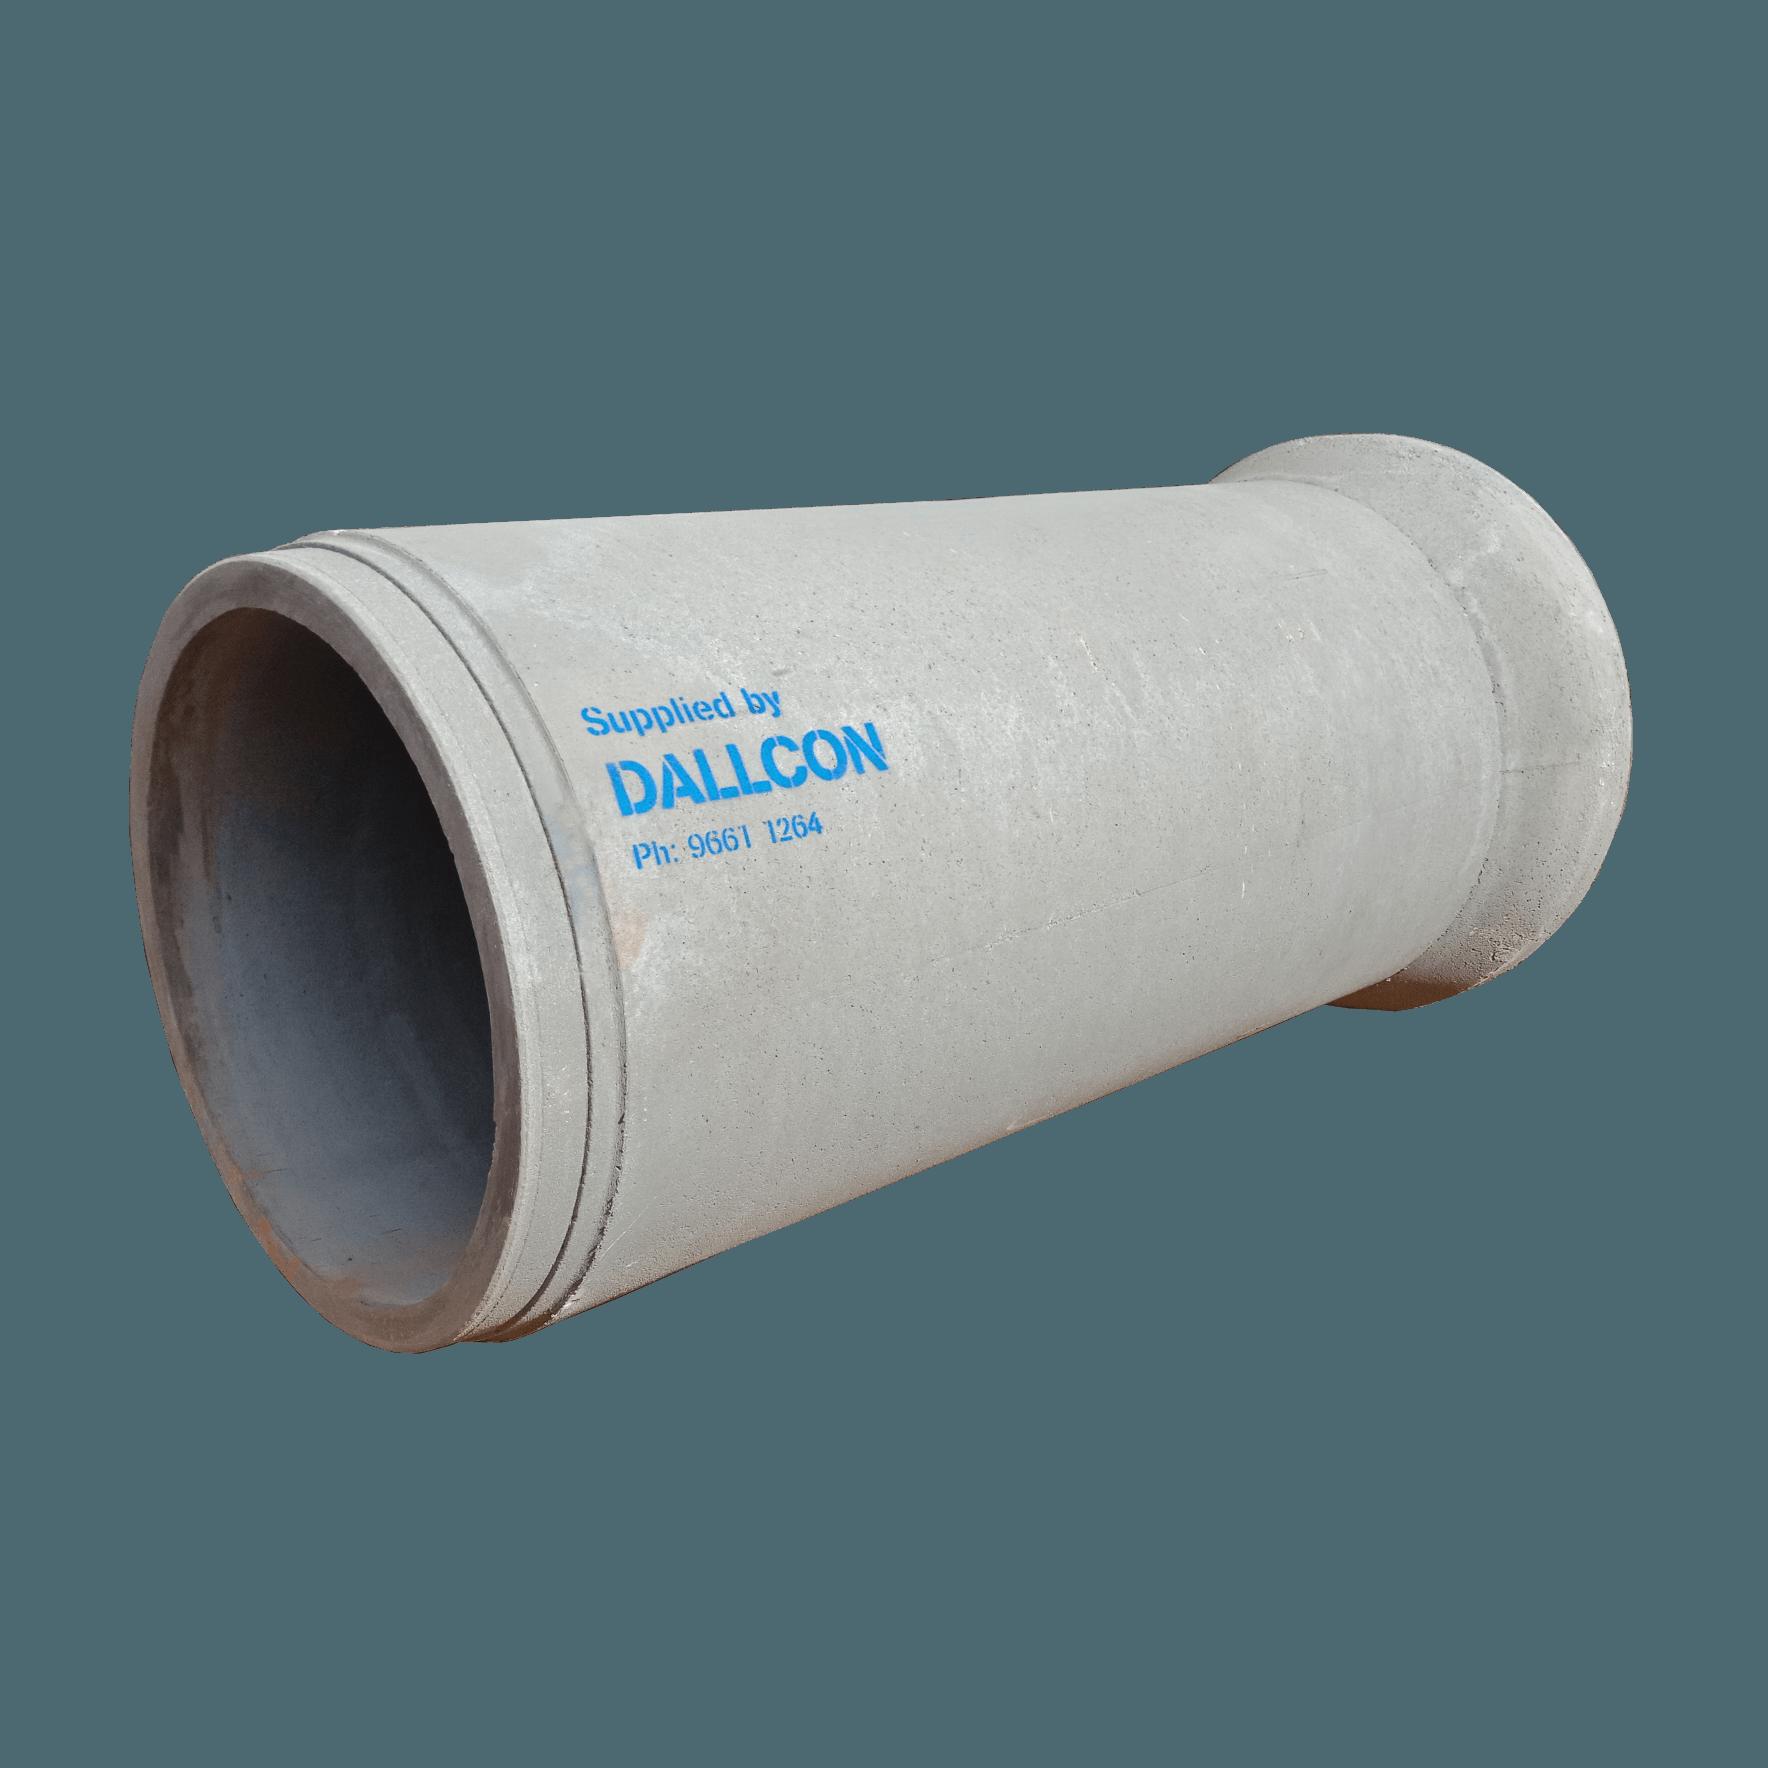 precast concrete drainage pipe